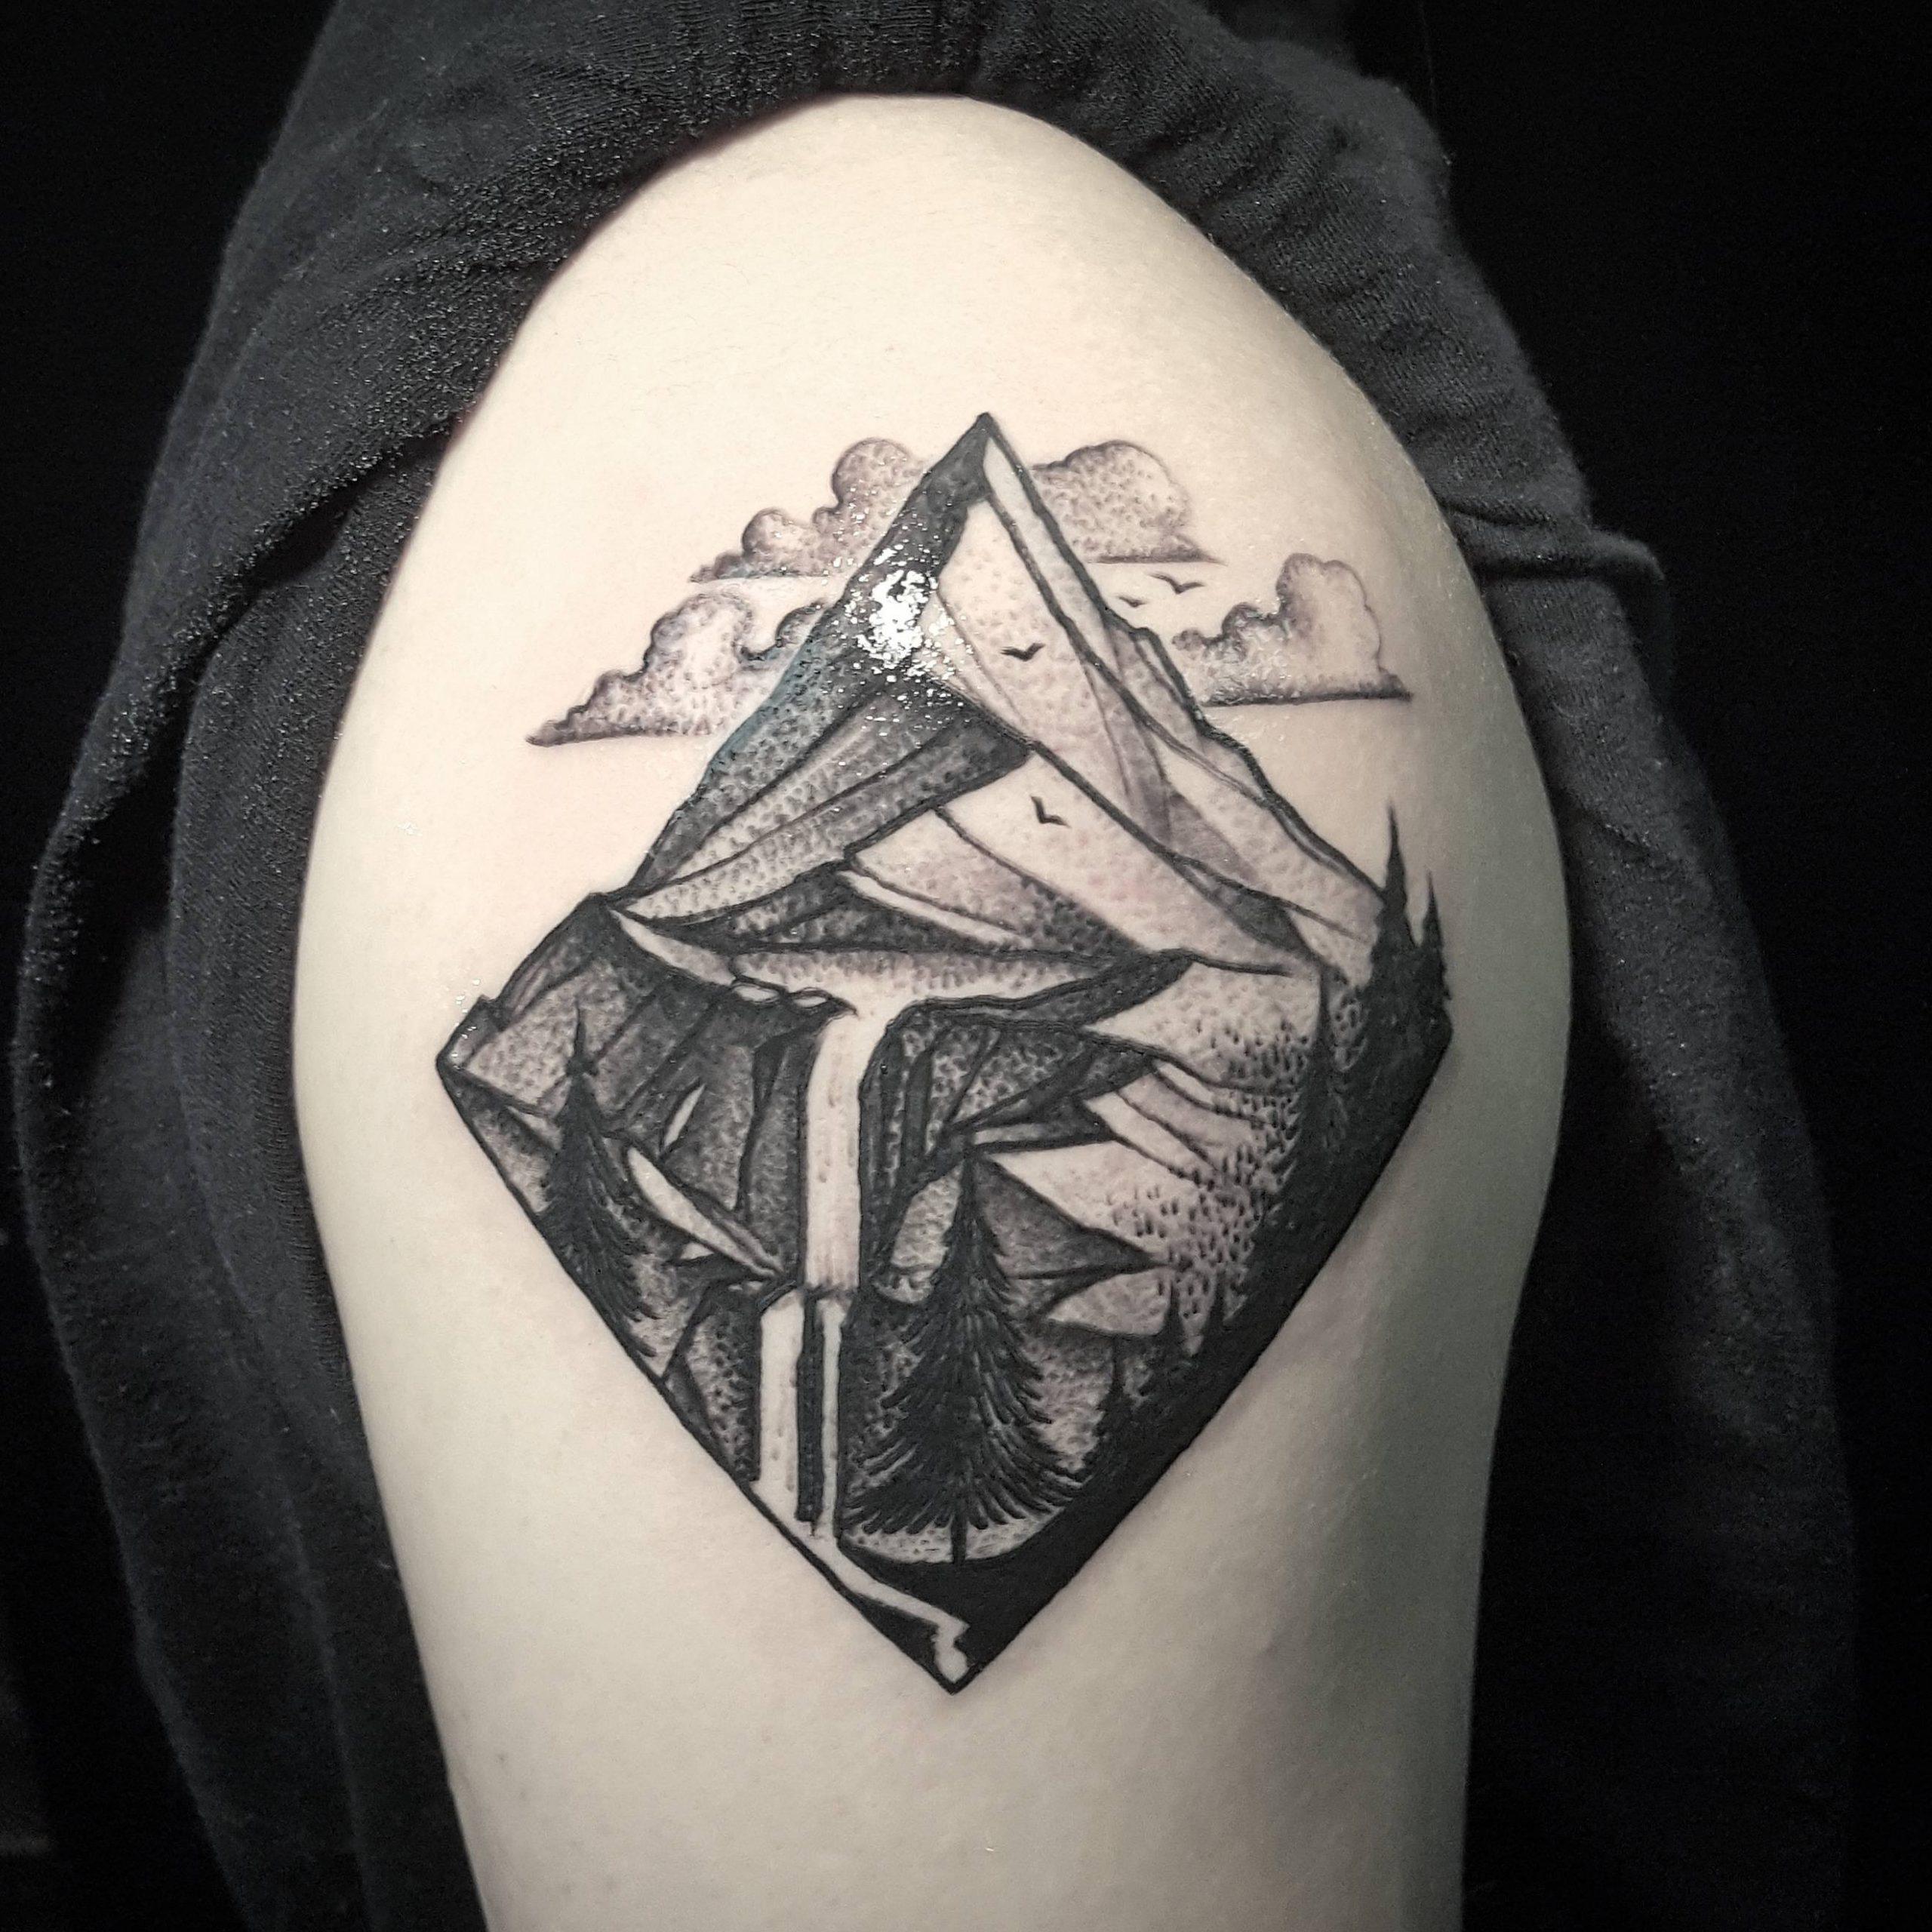 tatuagem blackwork